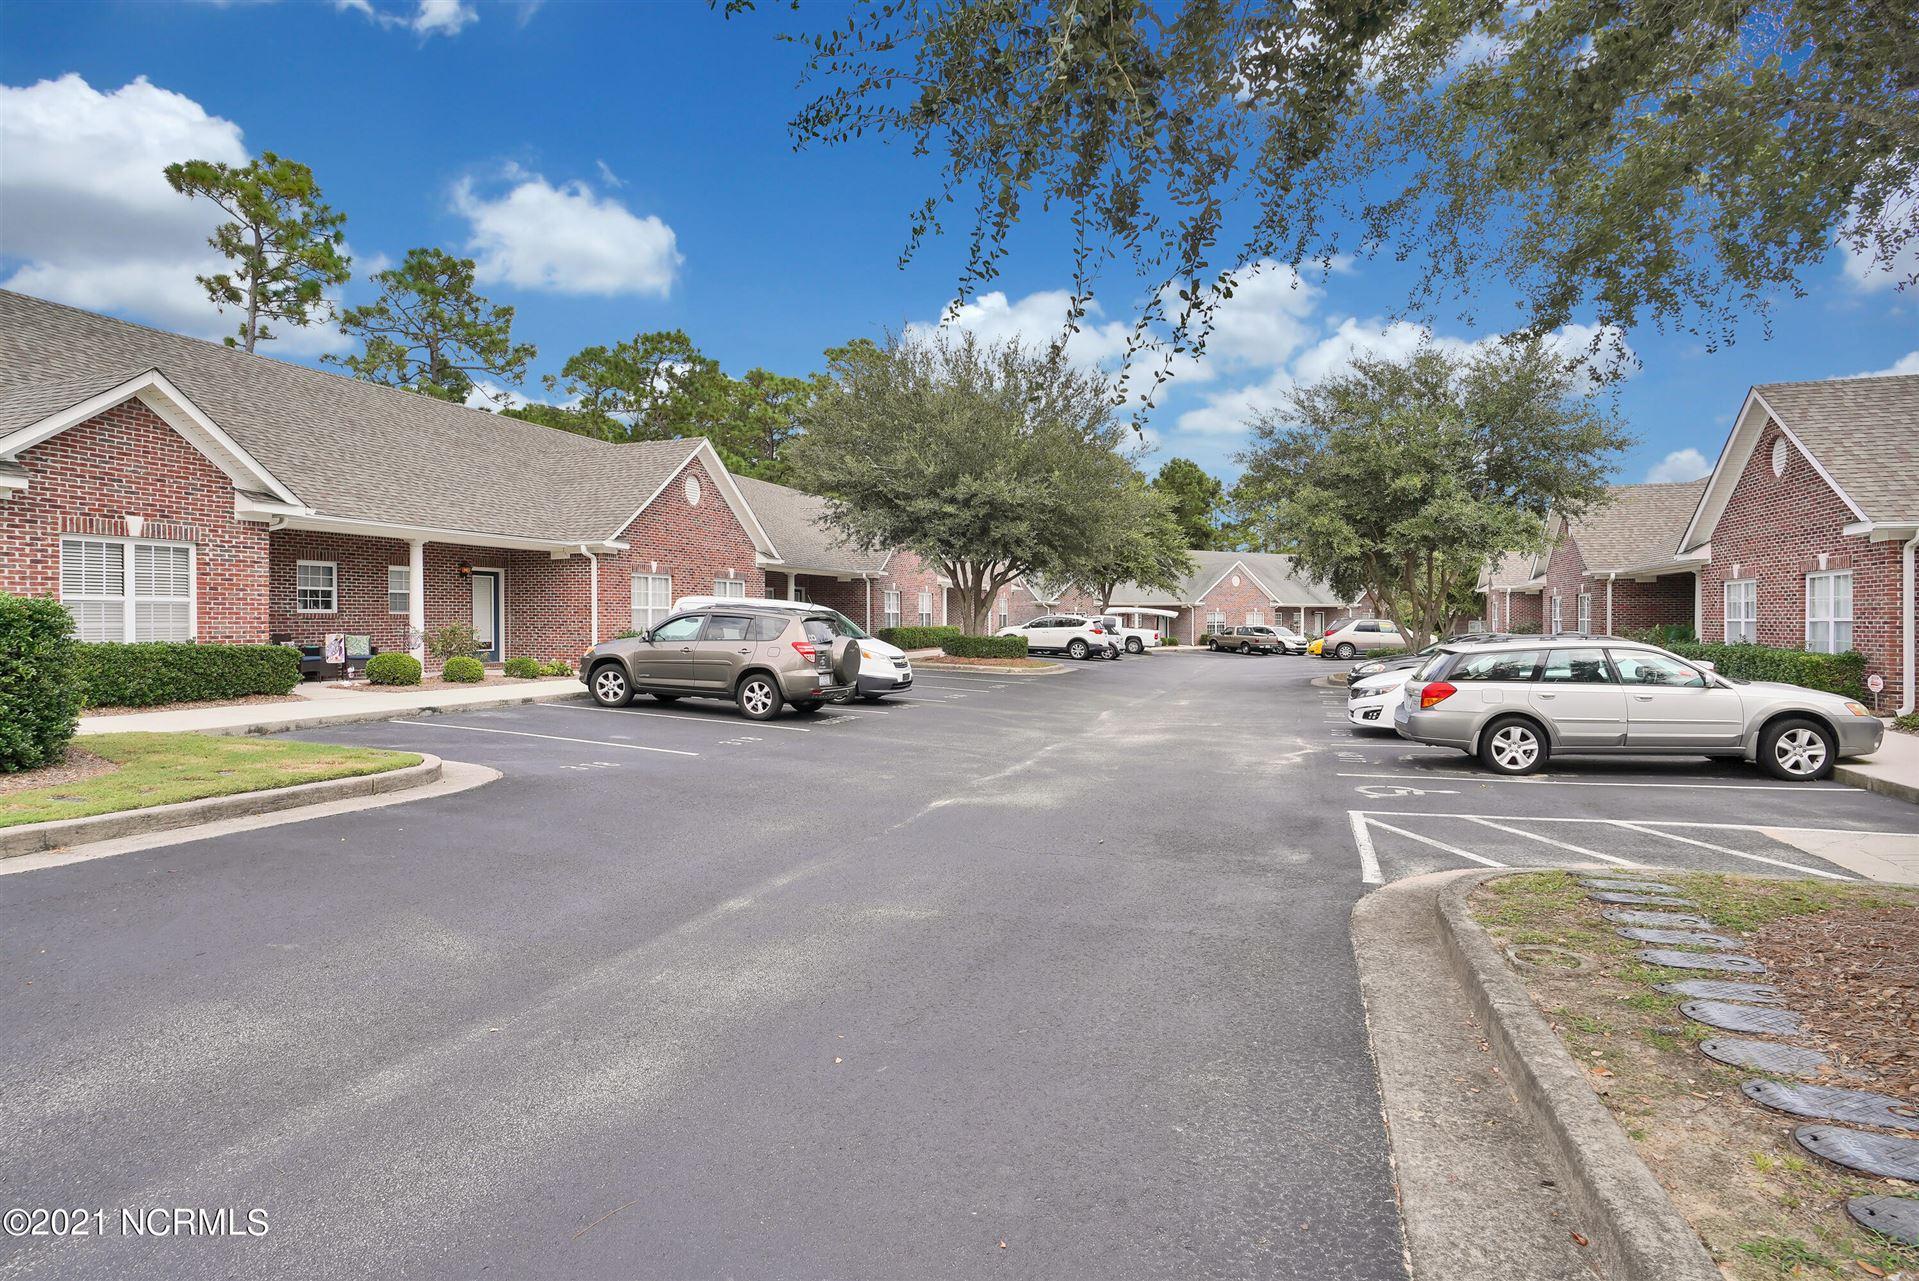 Photo of 320 Hibiscus Way #F, Wilmington, NC 28412 (MLS # 100291442)